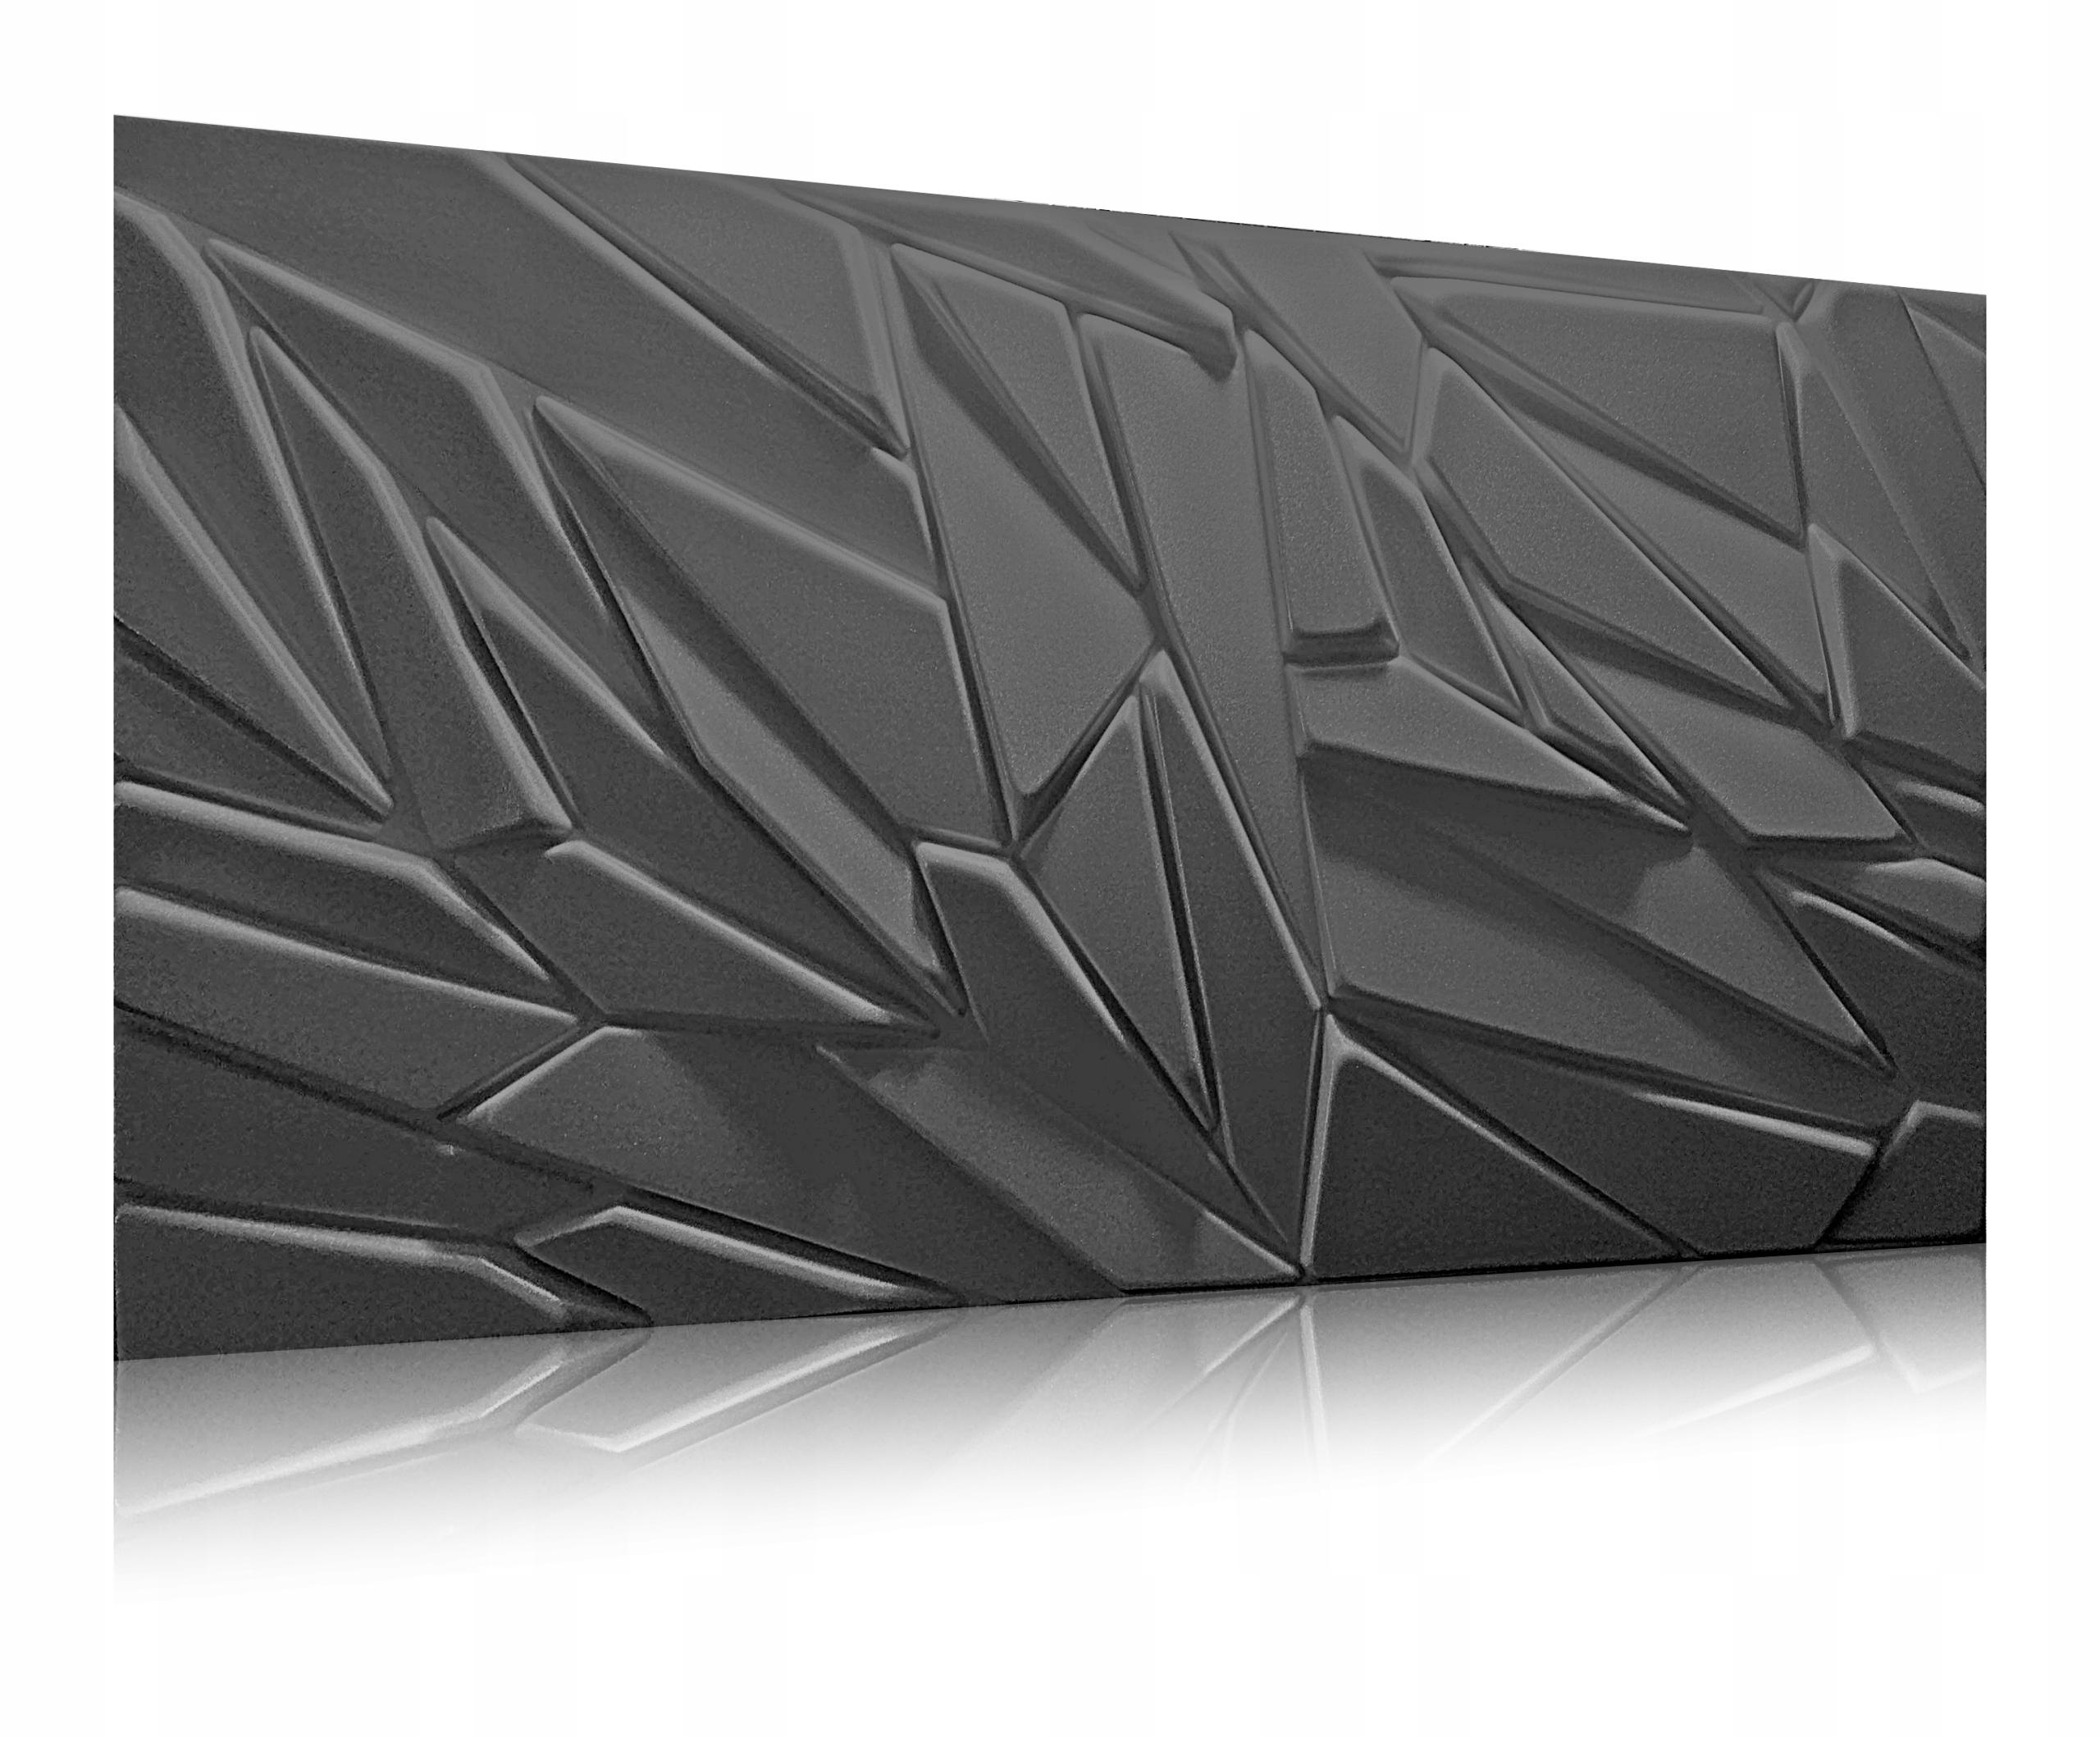 3D ПАНЕЛЬ как декоративный камень, бетон Black ROCK